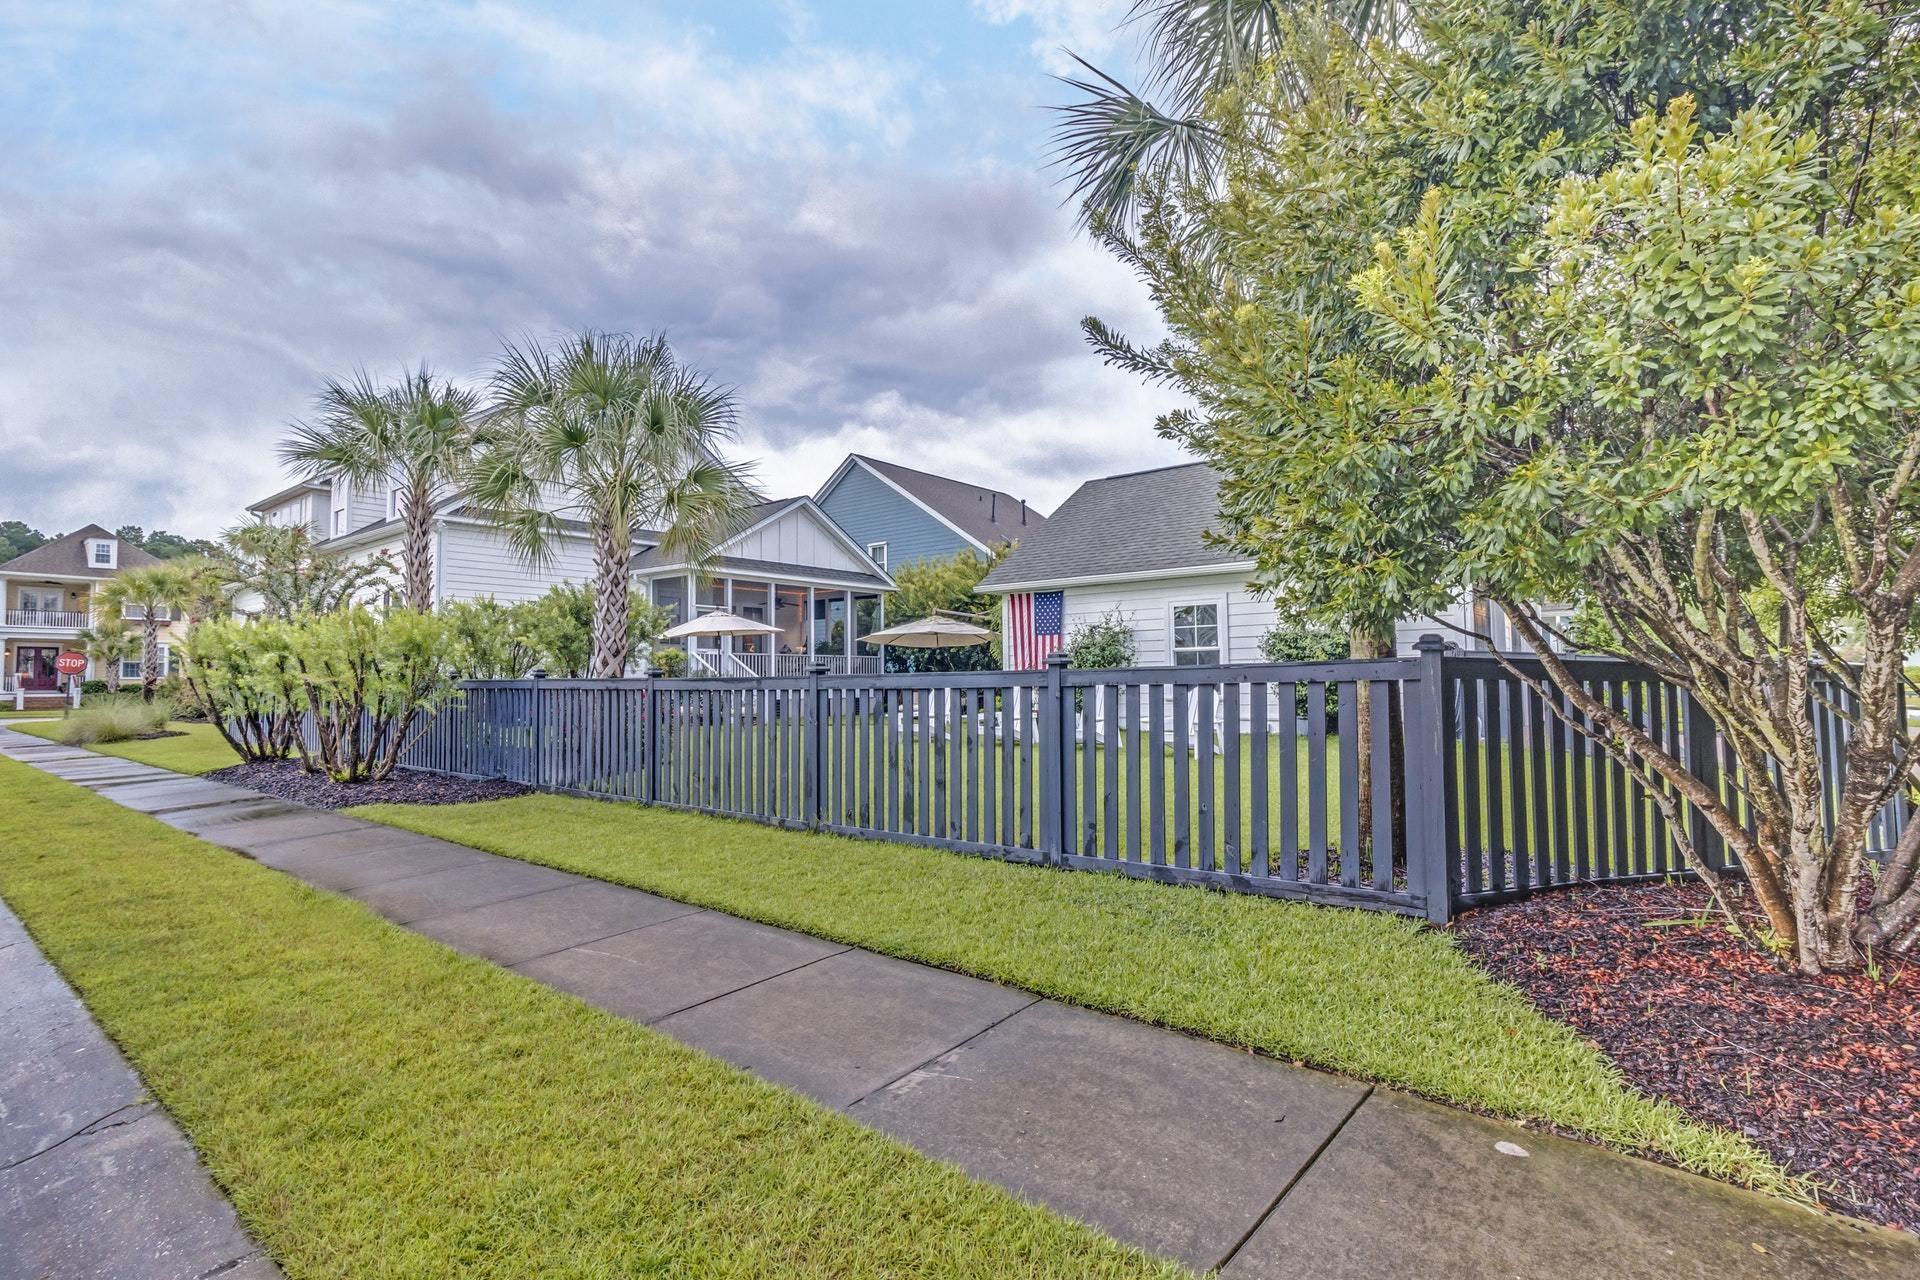 Dunes West Homes For Sale - 2816 River Vista, Mount Pleasant, SC - 24